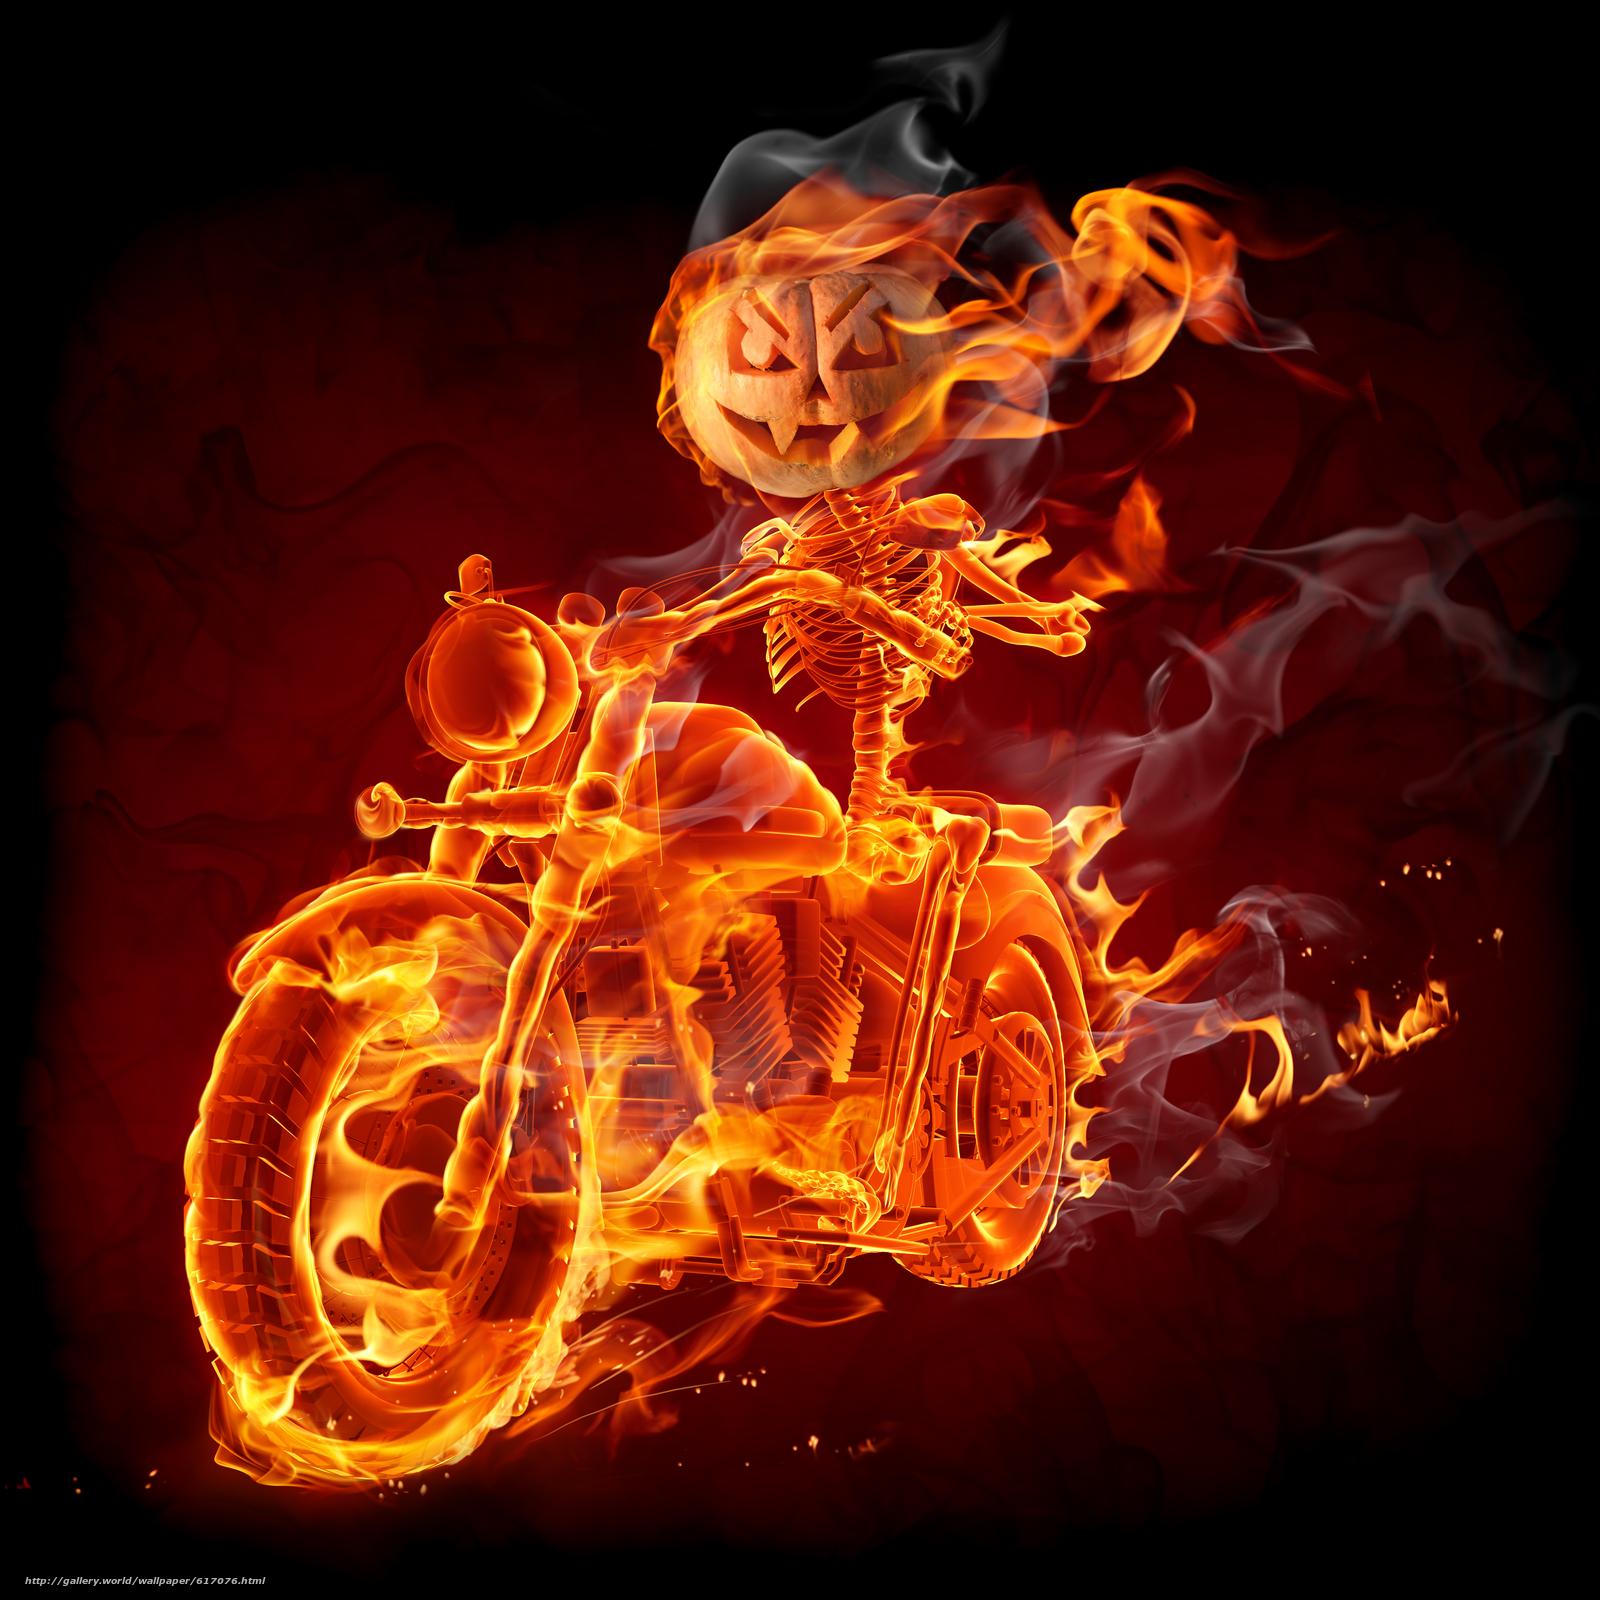 Скачать обои Fire,  Smoke,  Biker бесплатно для рабочего стола в разрешении 4554x4554 — картинка №617076